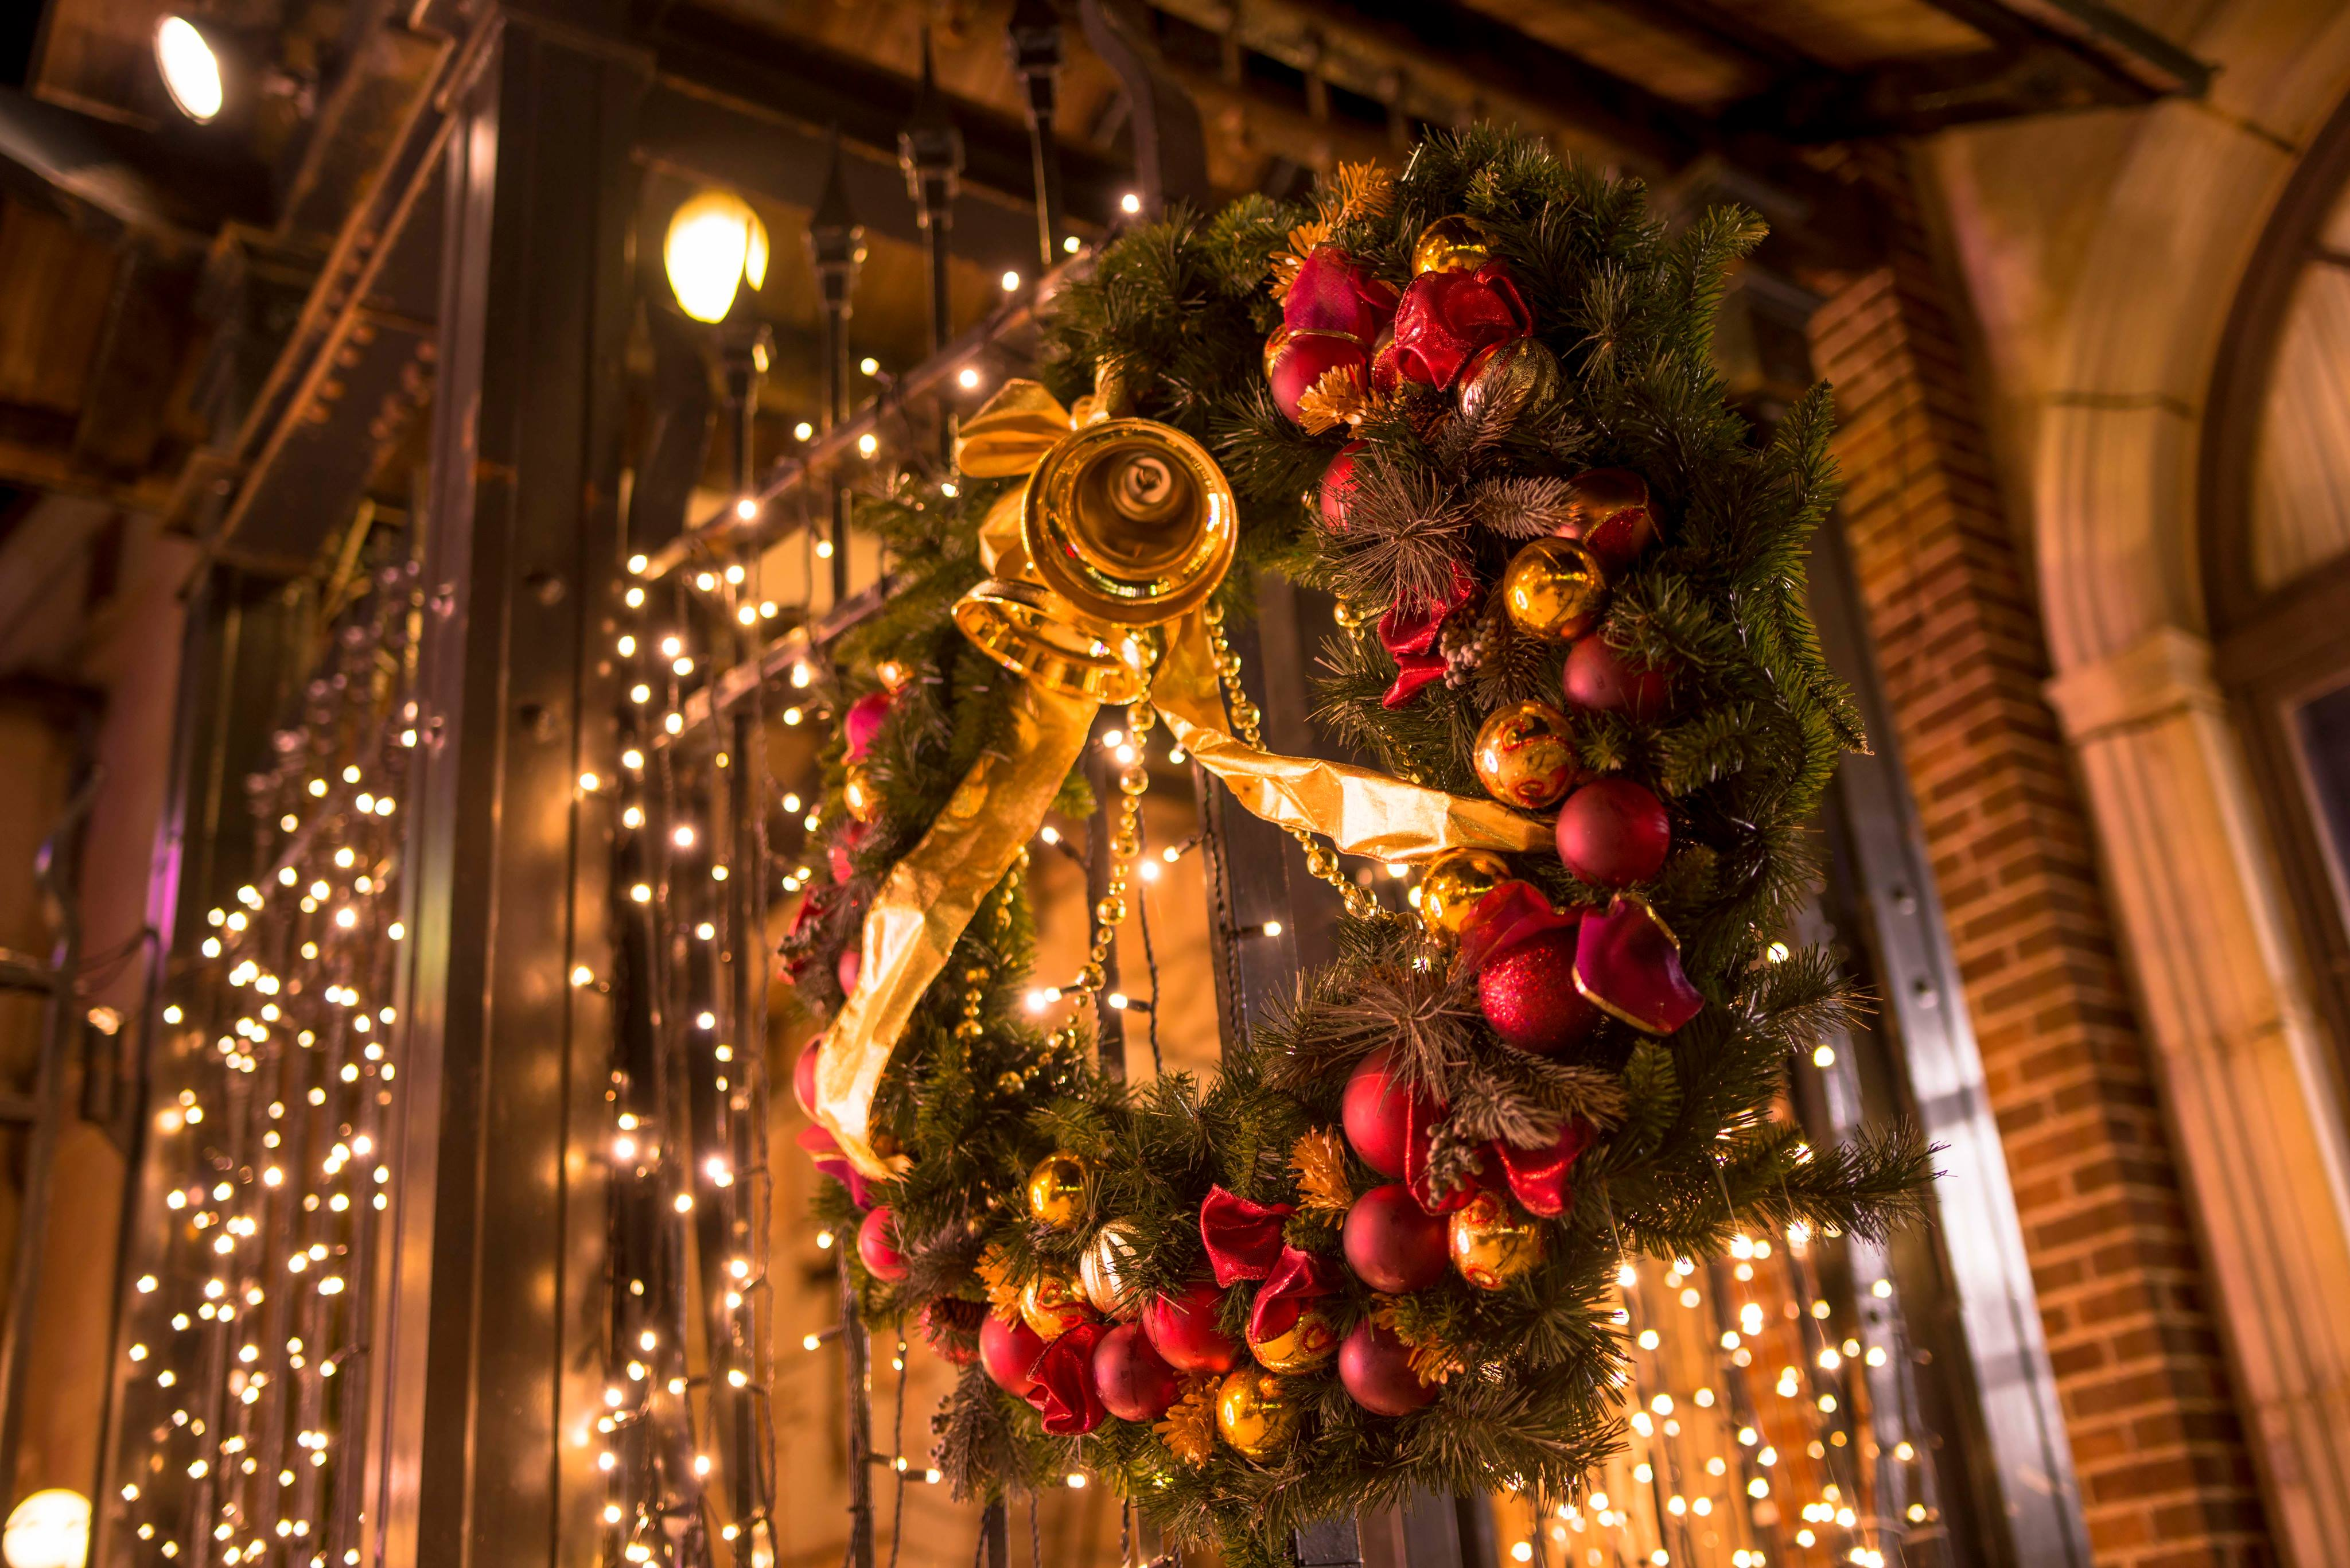 【12月24日 BASE動画配信致します。】クリスマスイブを一緒にお祝いしましょう!